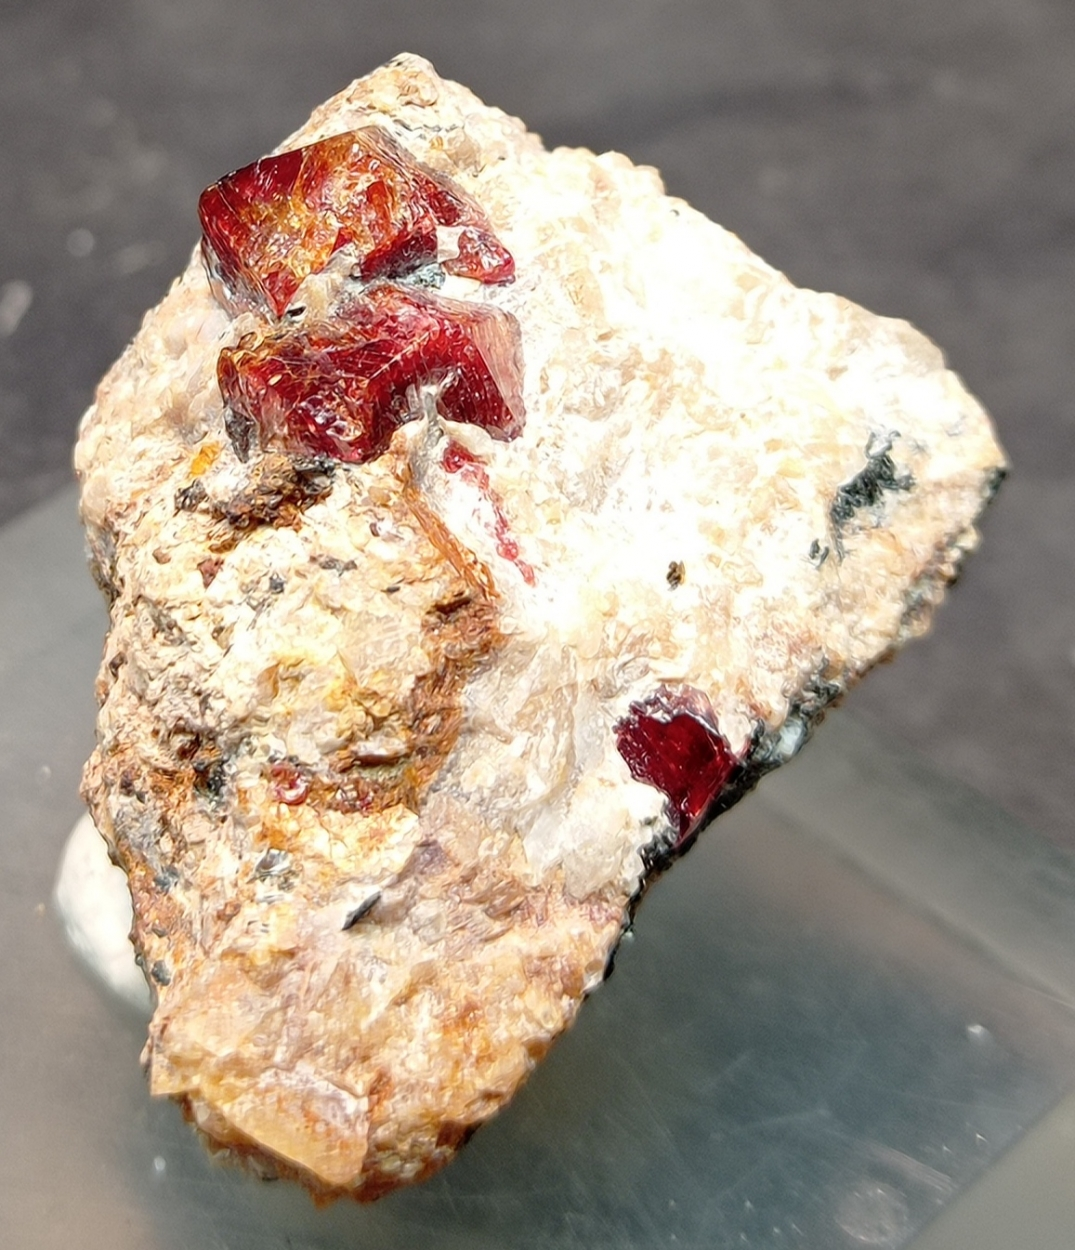 Zircon & Biotite